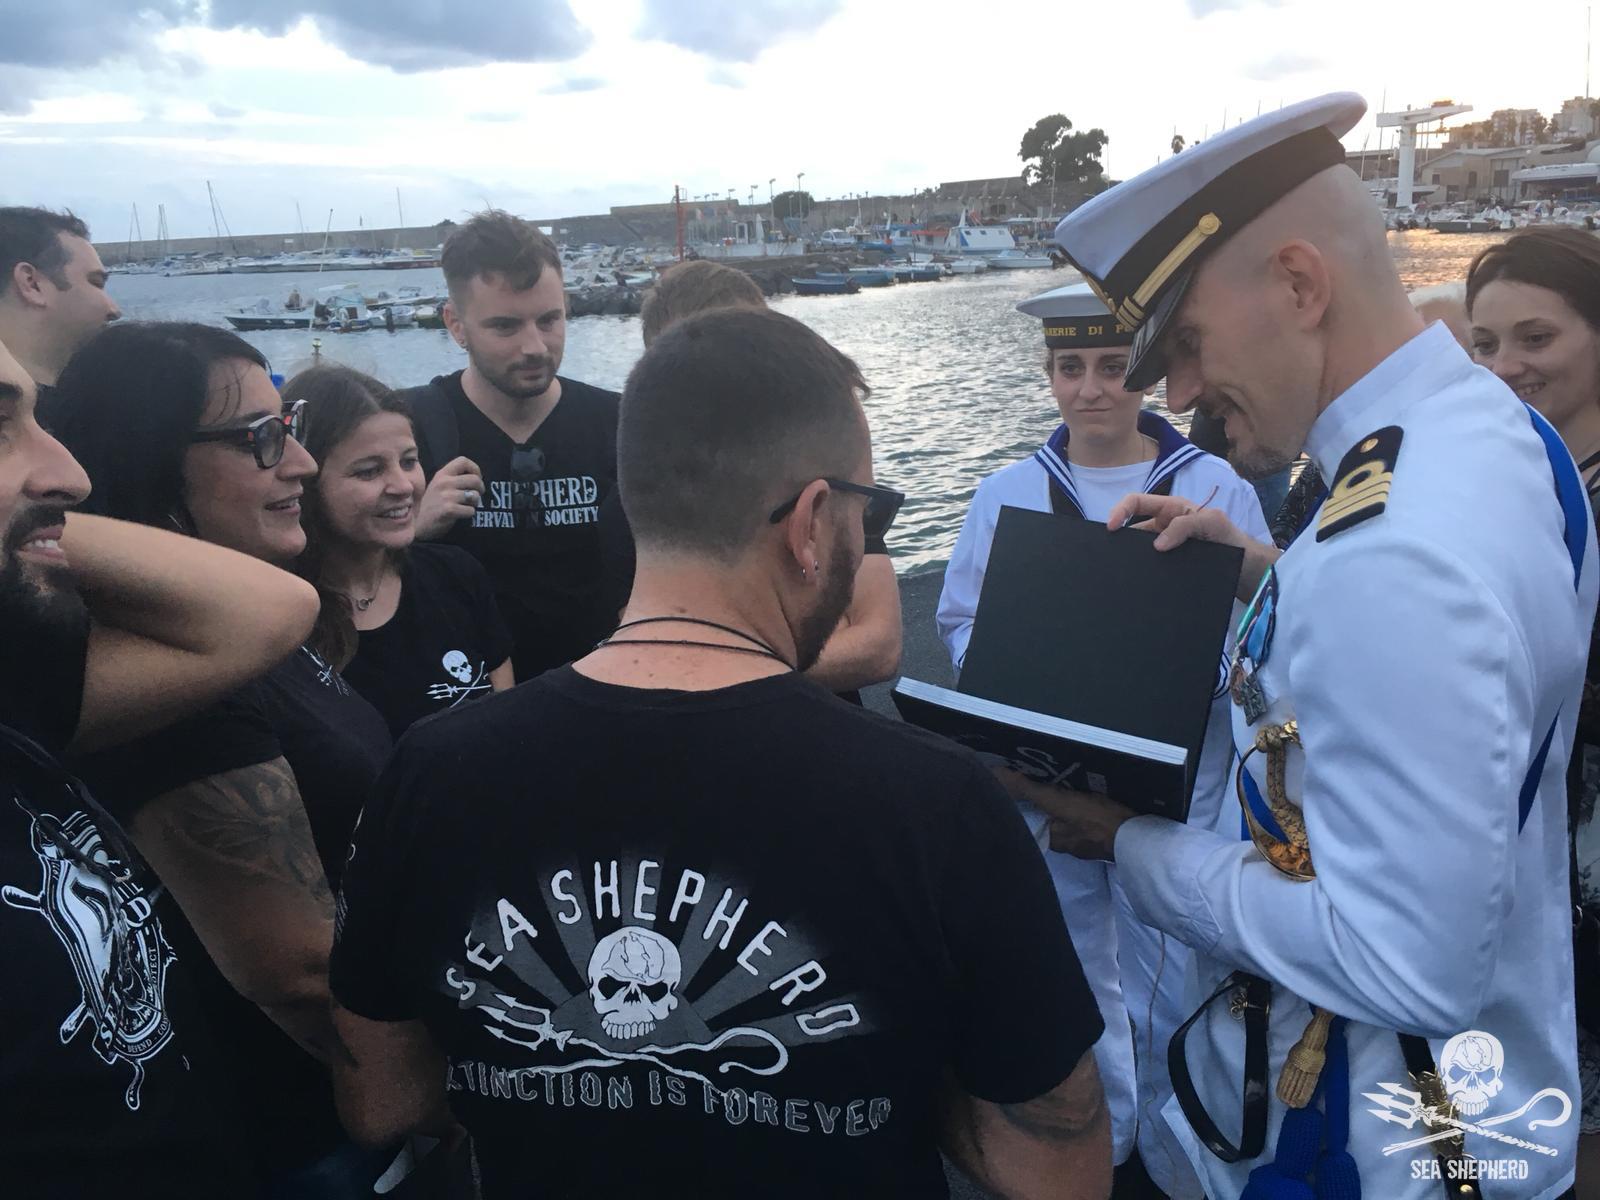 Una delegazione di Sea Shepherd Italia con il libro fotografico dei 40 anni dell'associazione